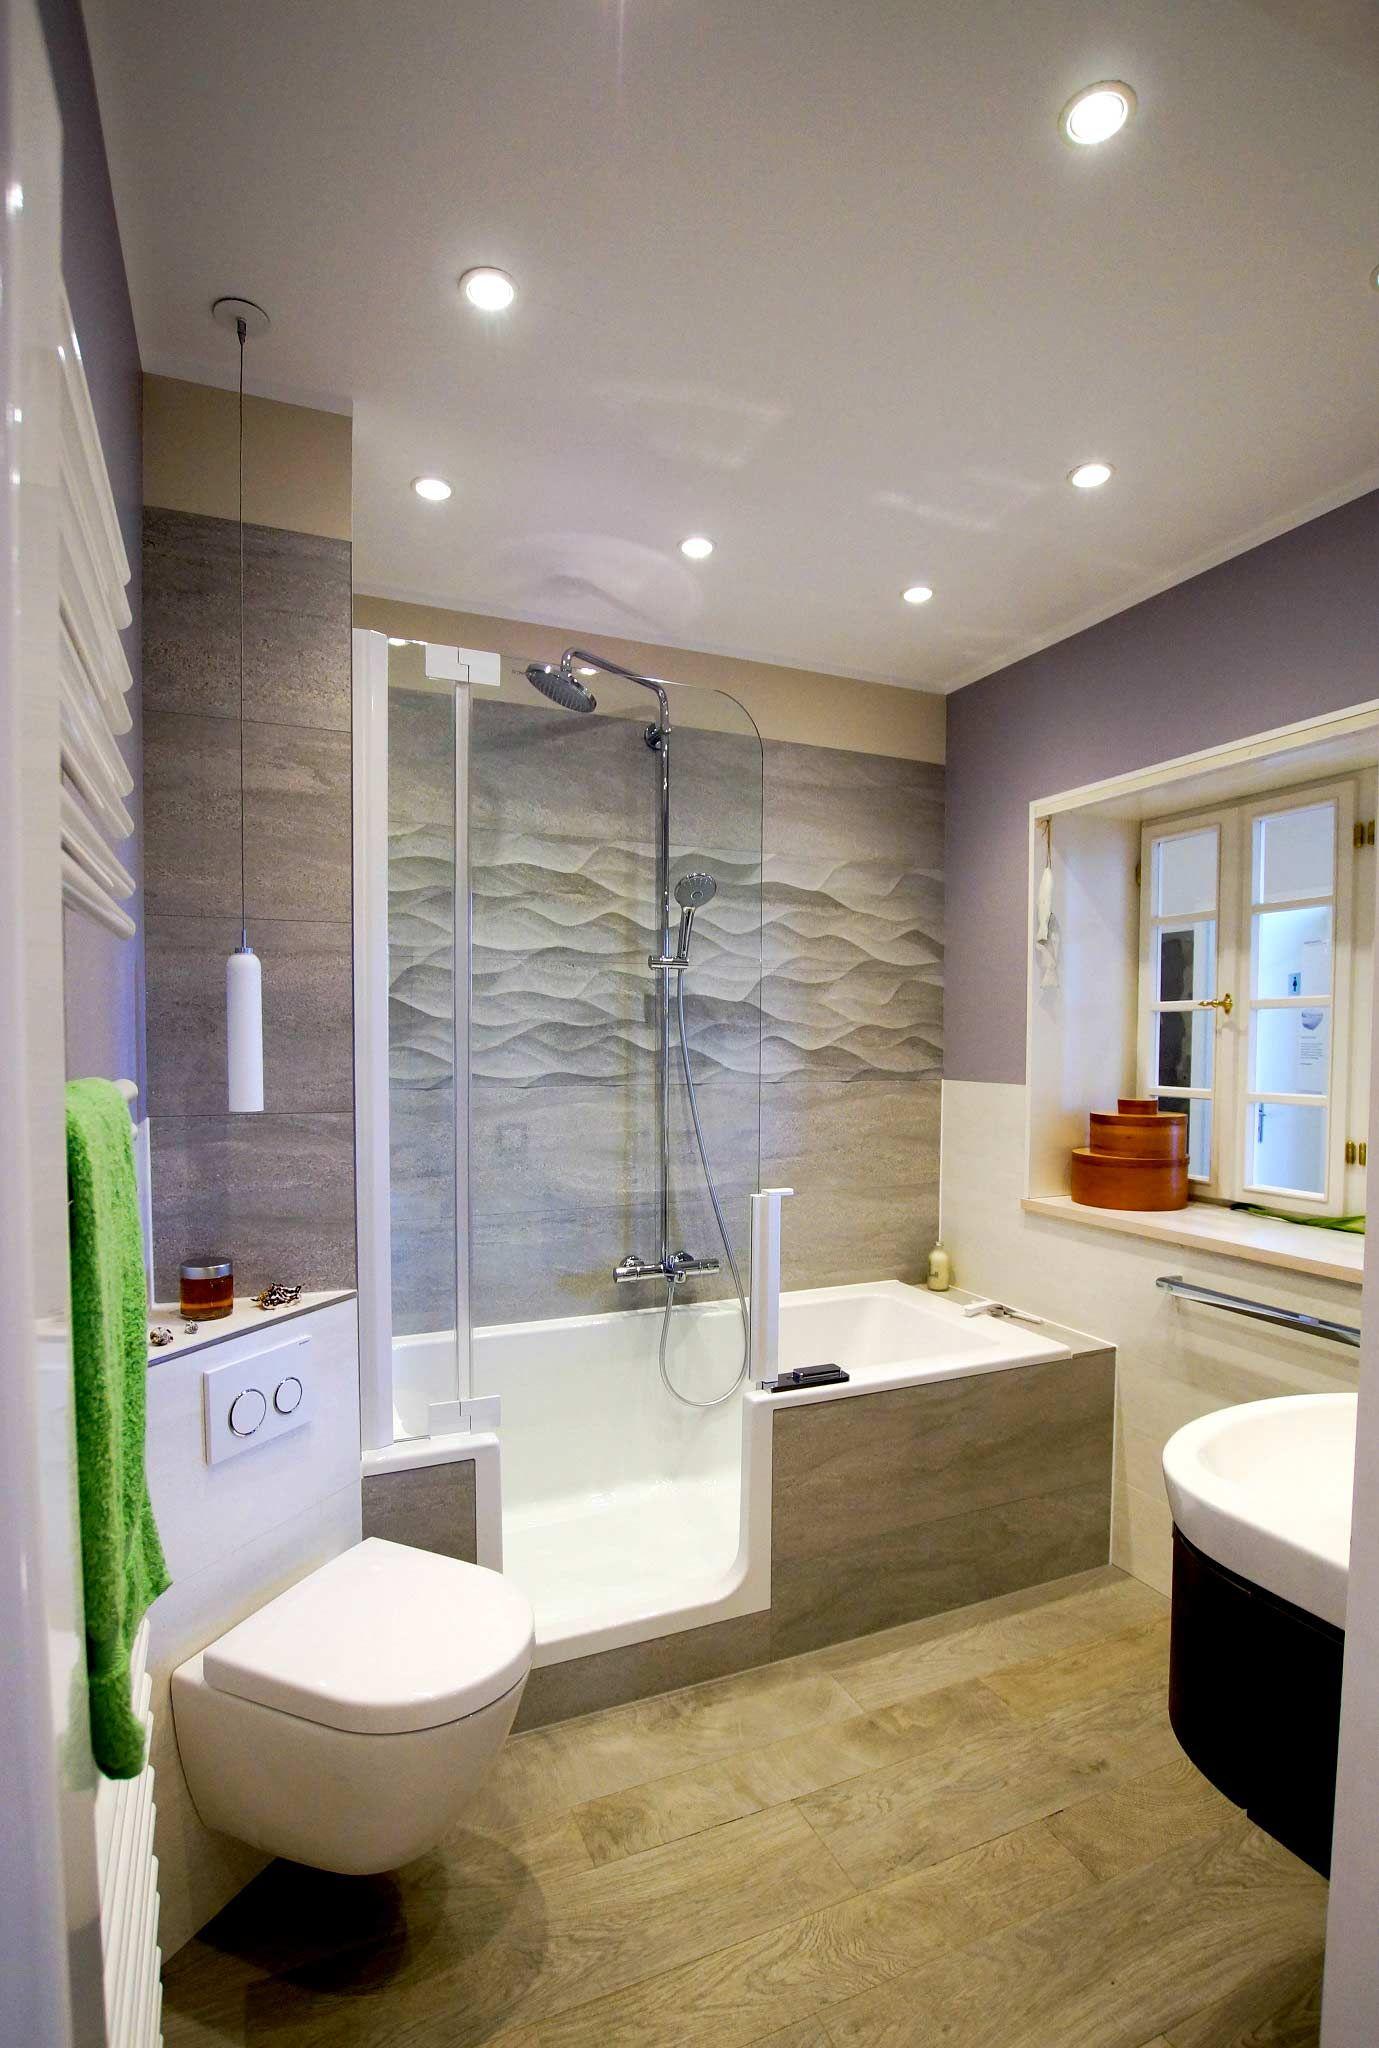 Badewanne mit Dusche ✭ Die Lösung für kleine Bäder ➷ #bathroommakeovers